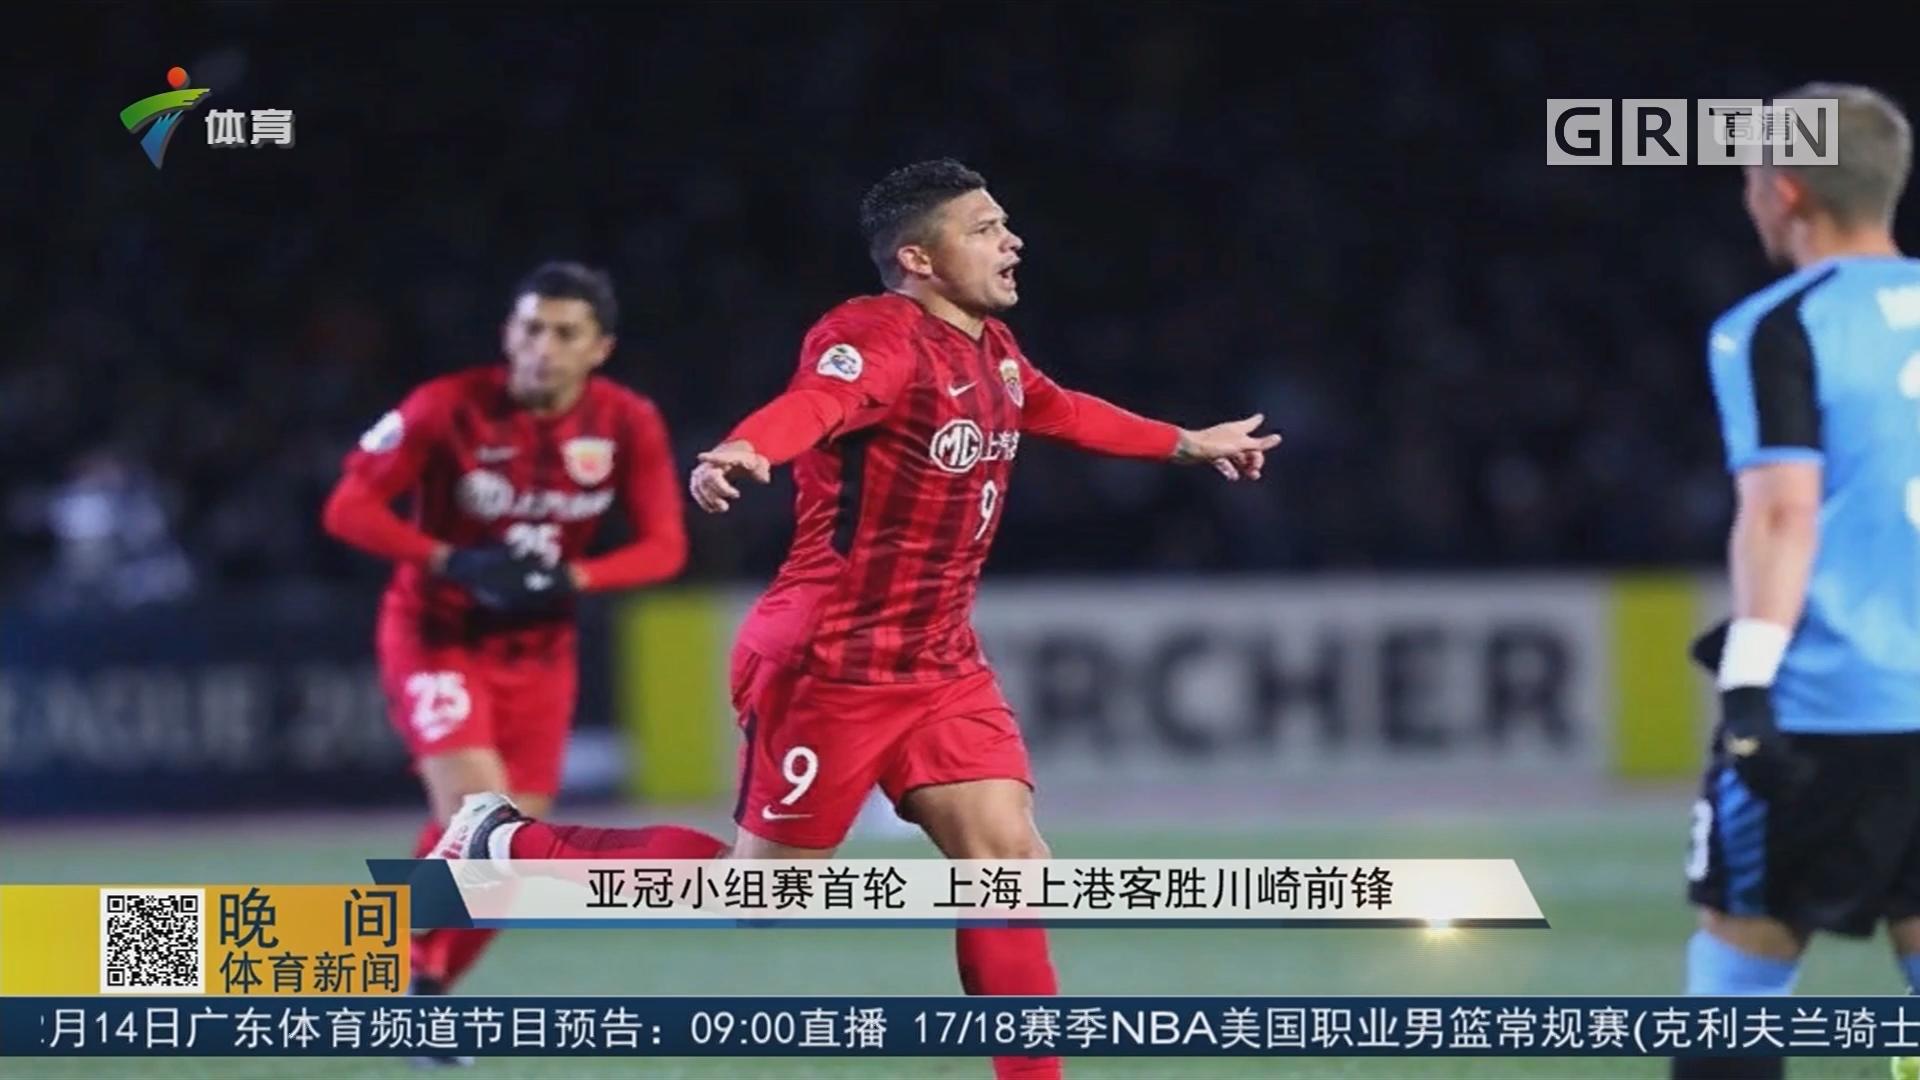 亚冠小组赛首轮 上海上港客胜川崎前锋